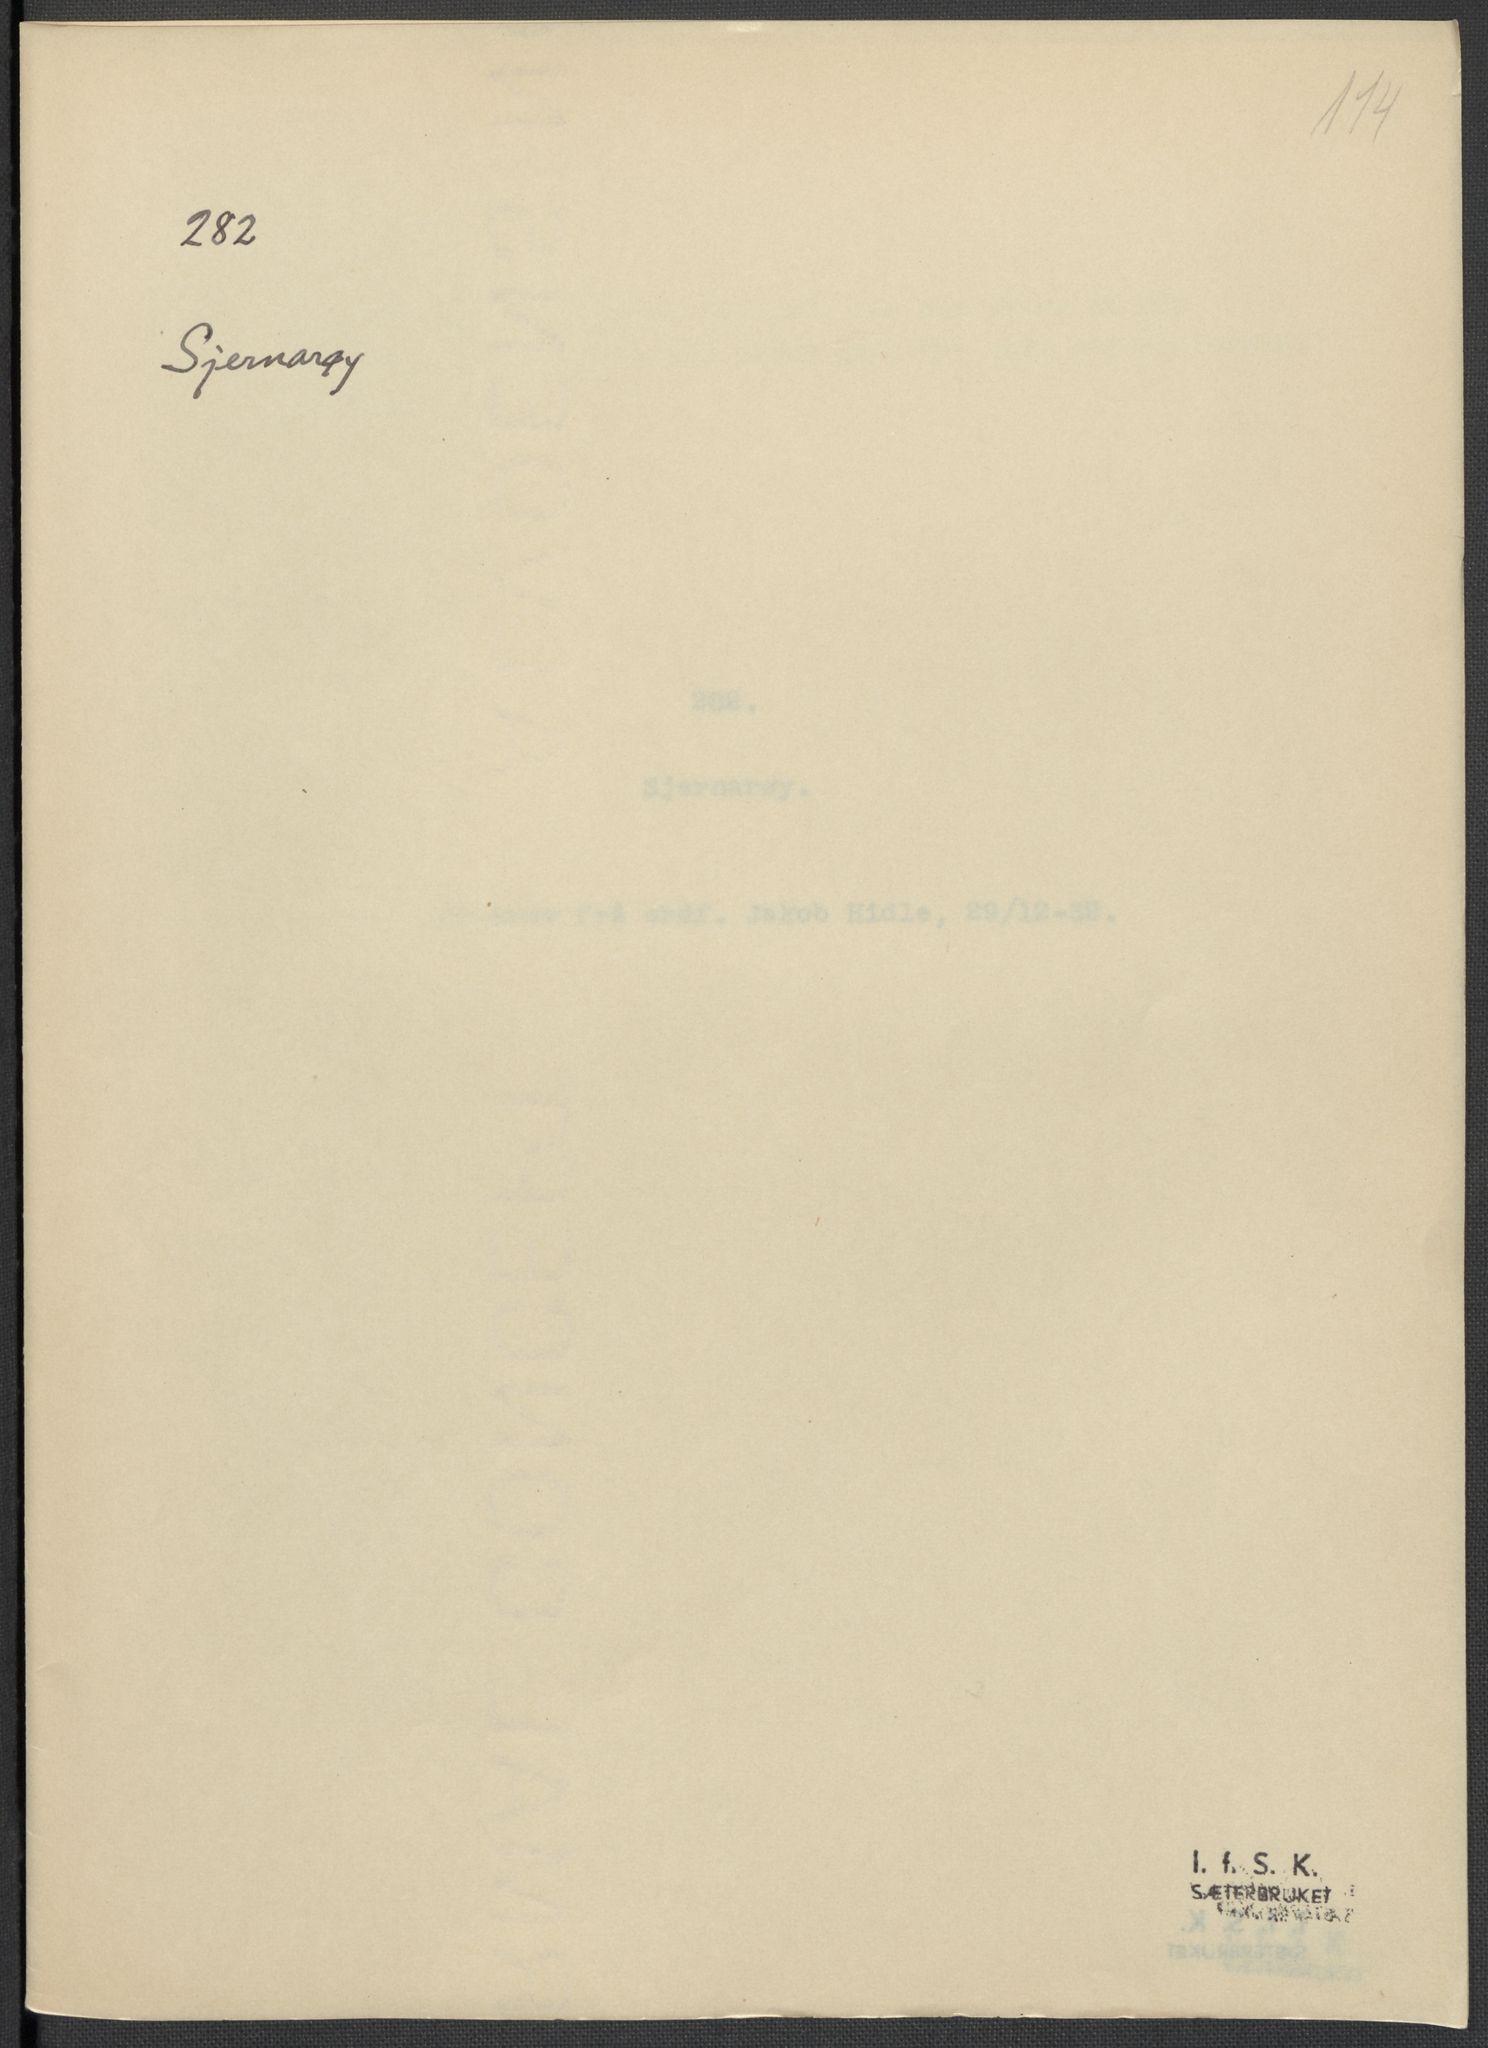 RA, Instituttet for sammenlignende kulturforskning, F/Fc/L0009: Eske B9:, 1932-1935, s. 114